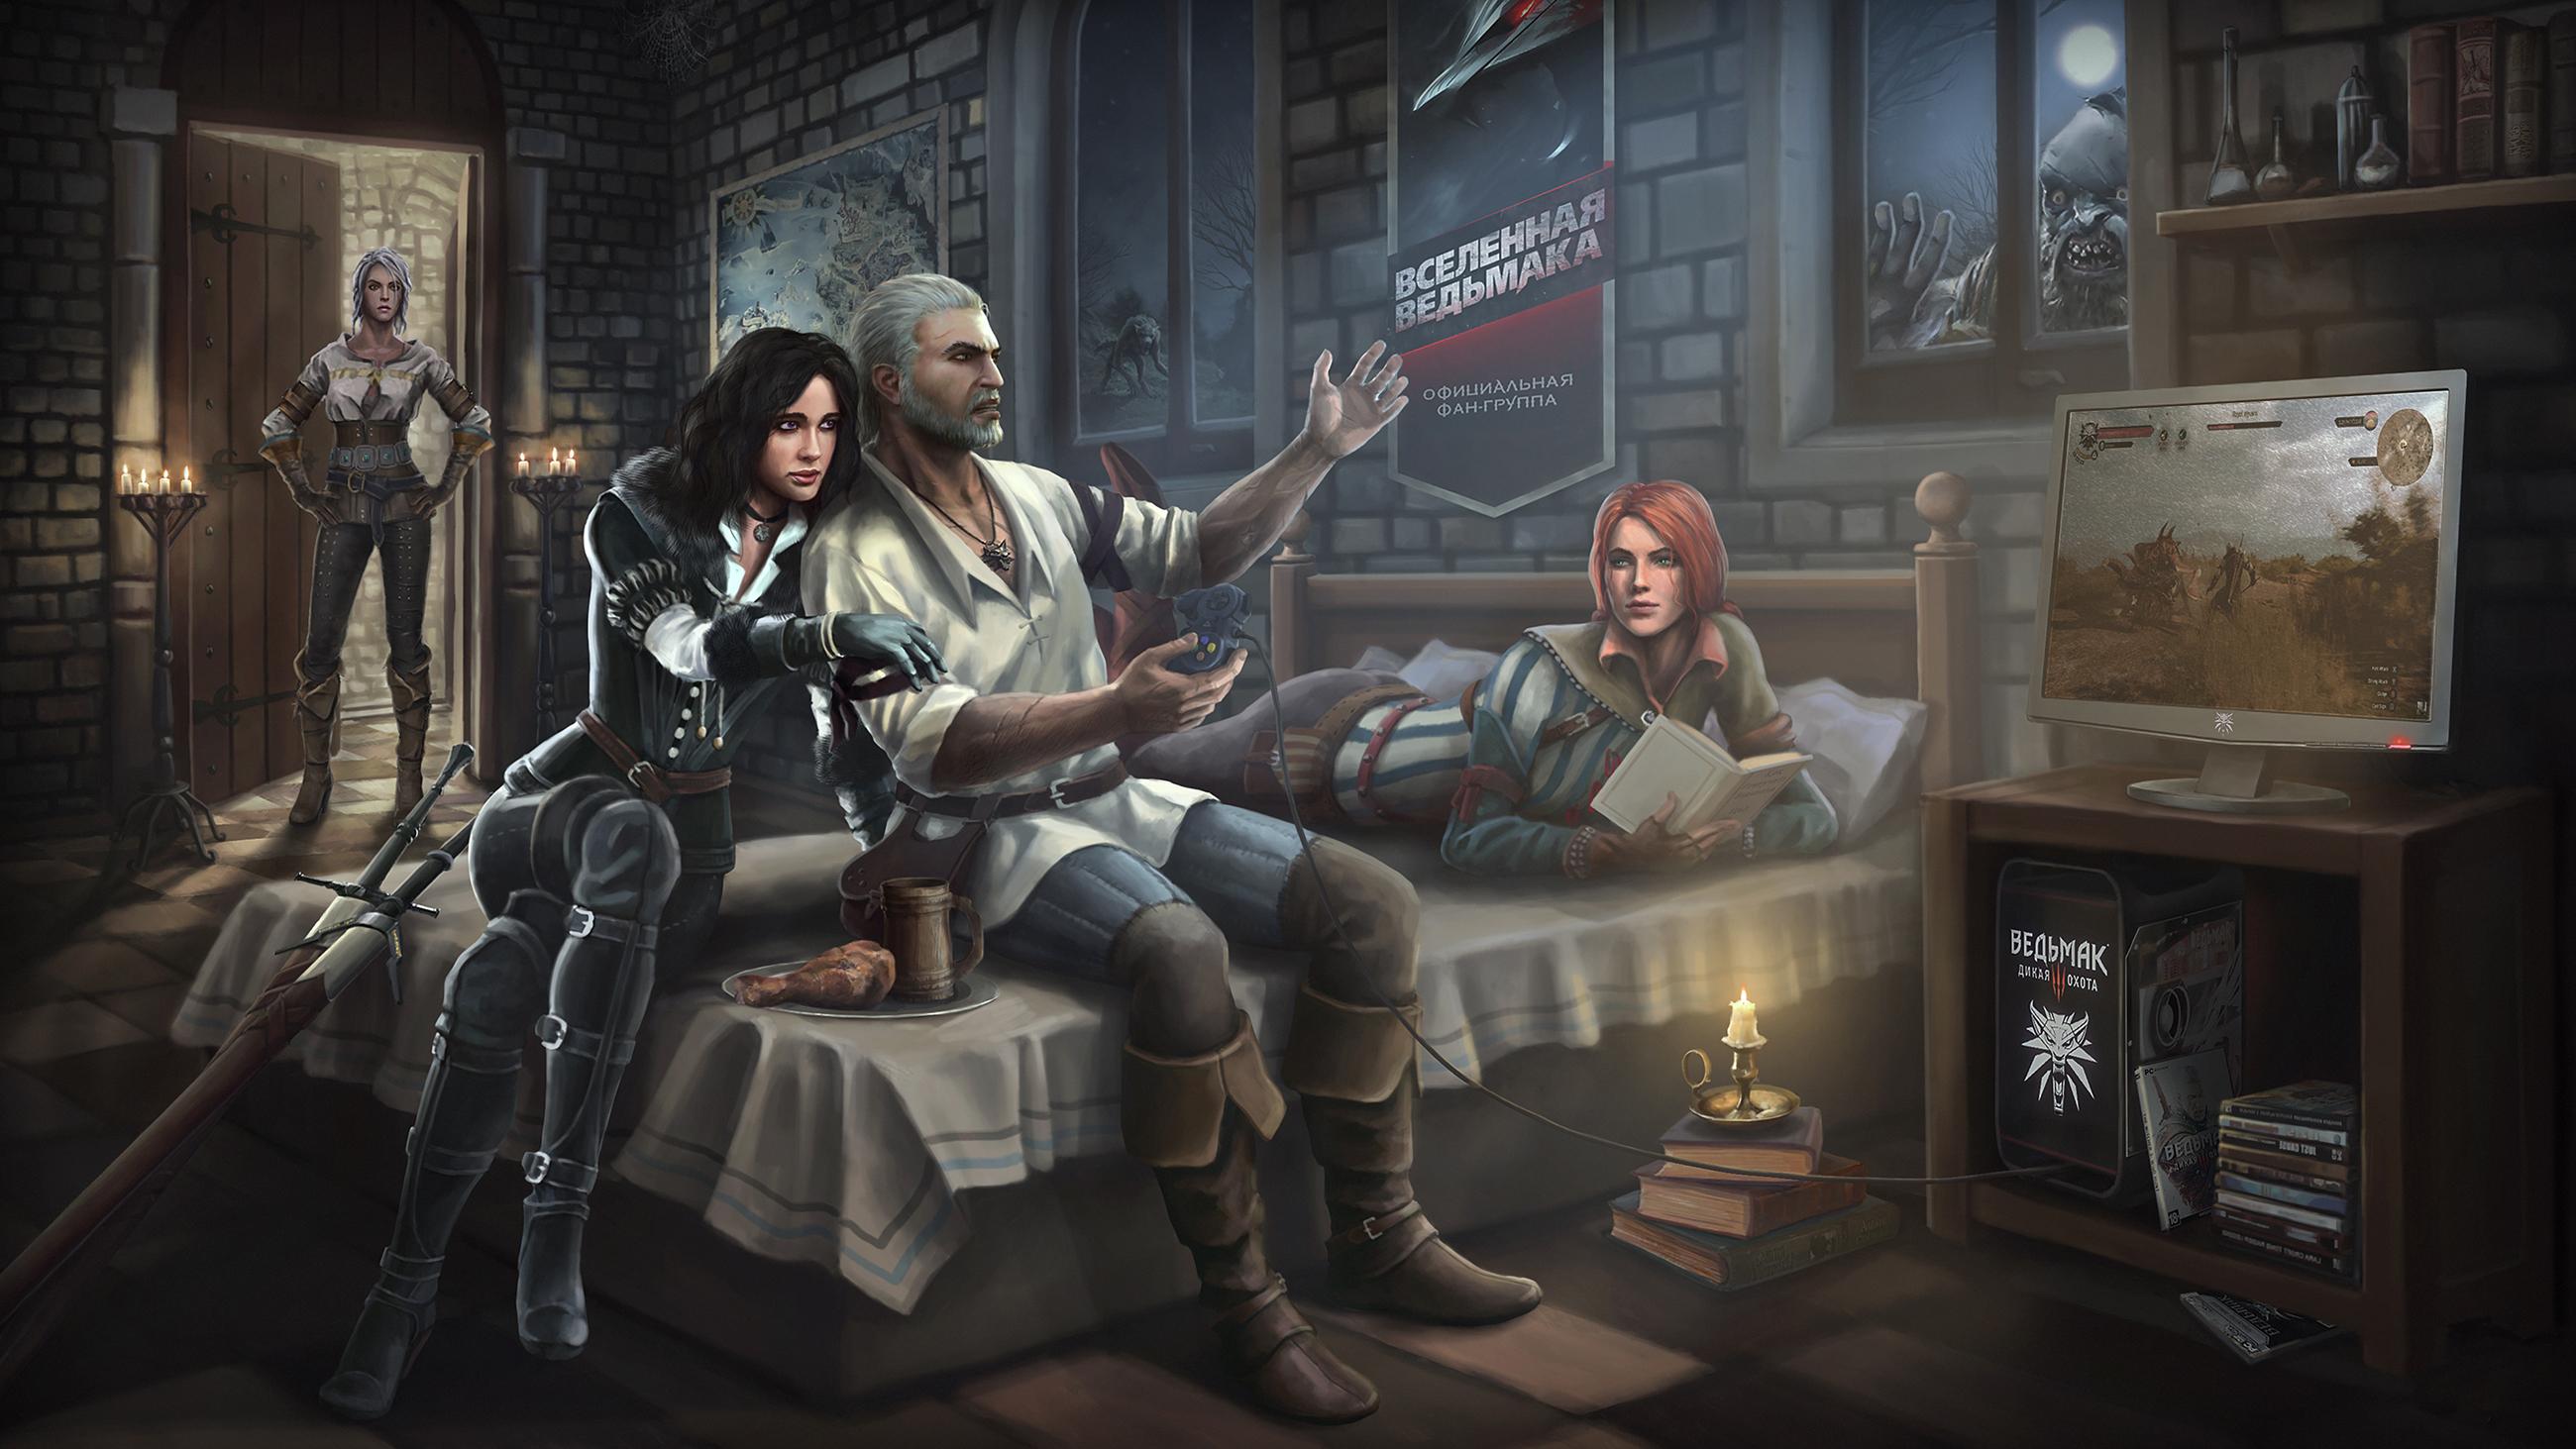 прохождение игры ведьмак на темном уровне сложности